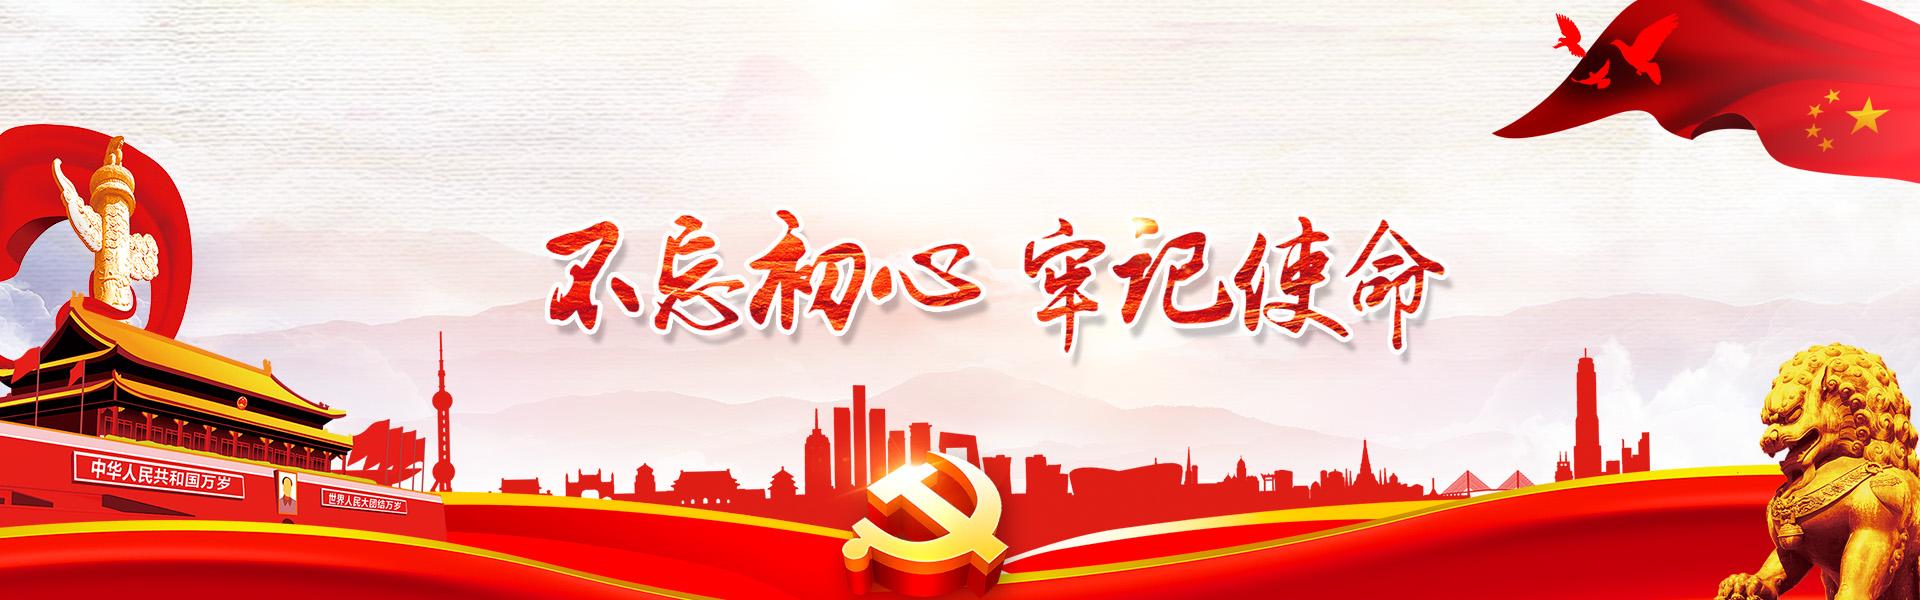 寧波冶金勘察設計研究股份有限公司